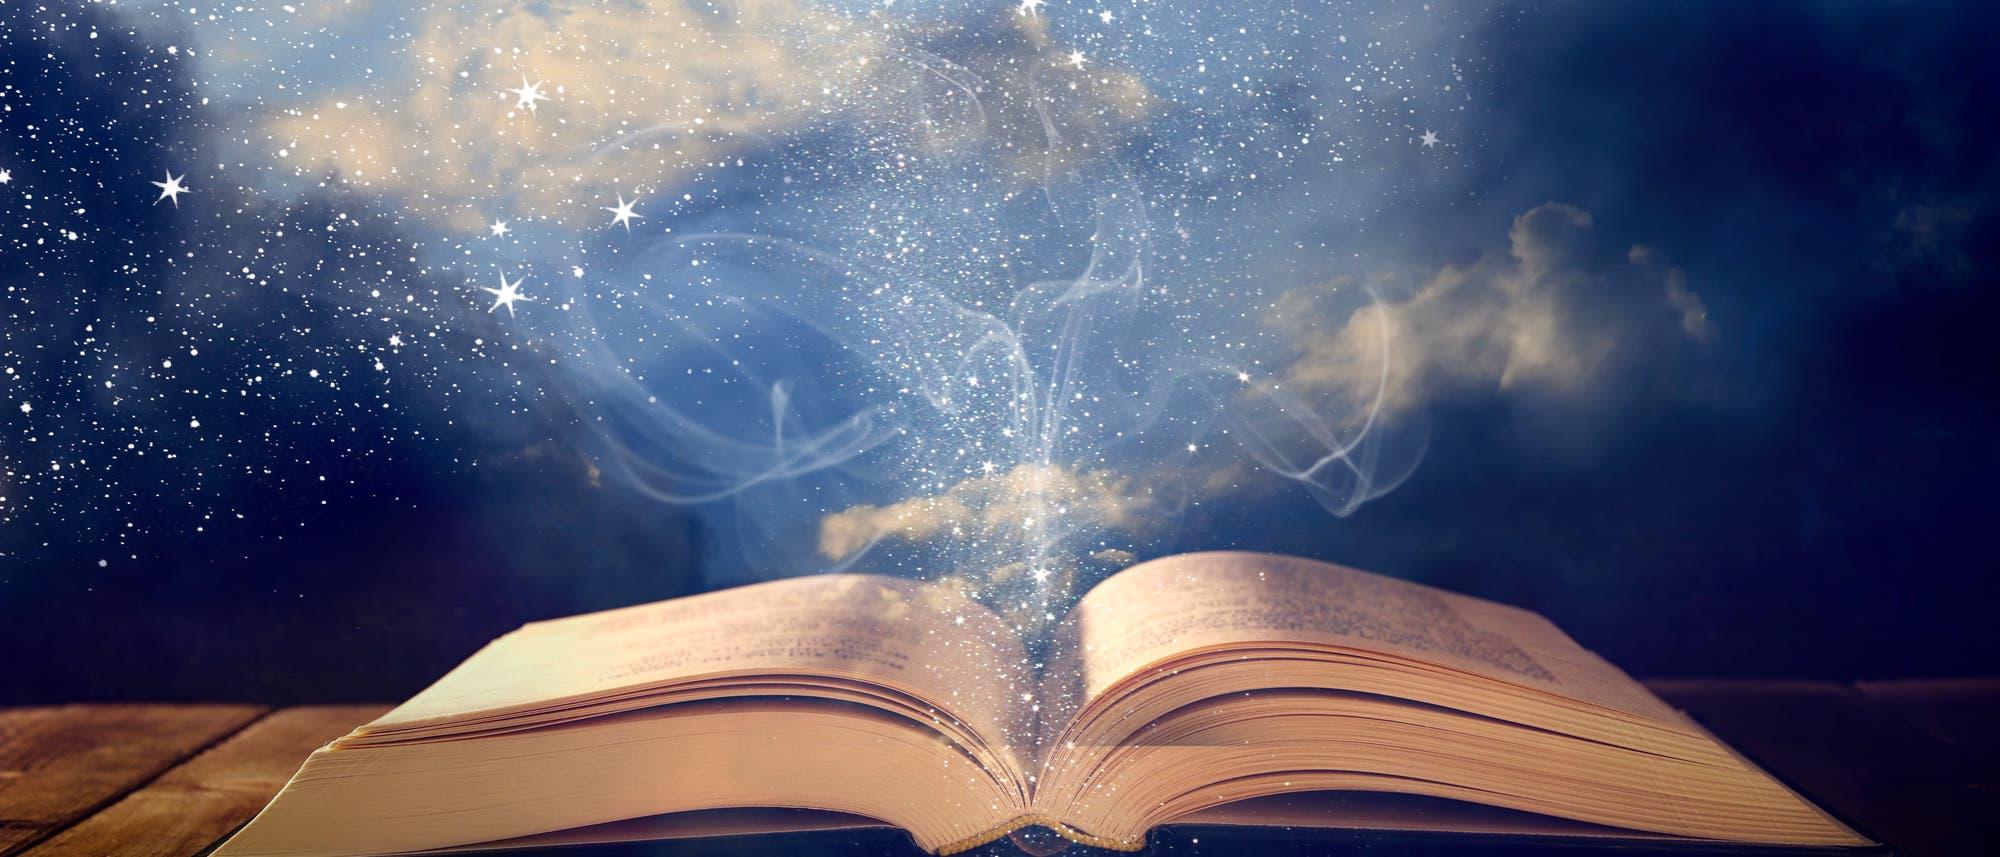 Aufgeschlagenes Buch mit leuchtenden Seiten